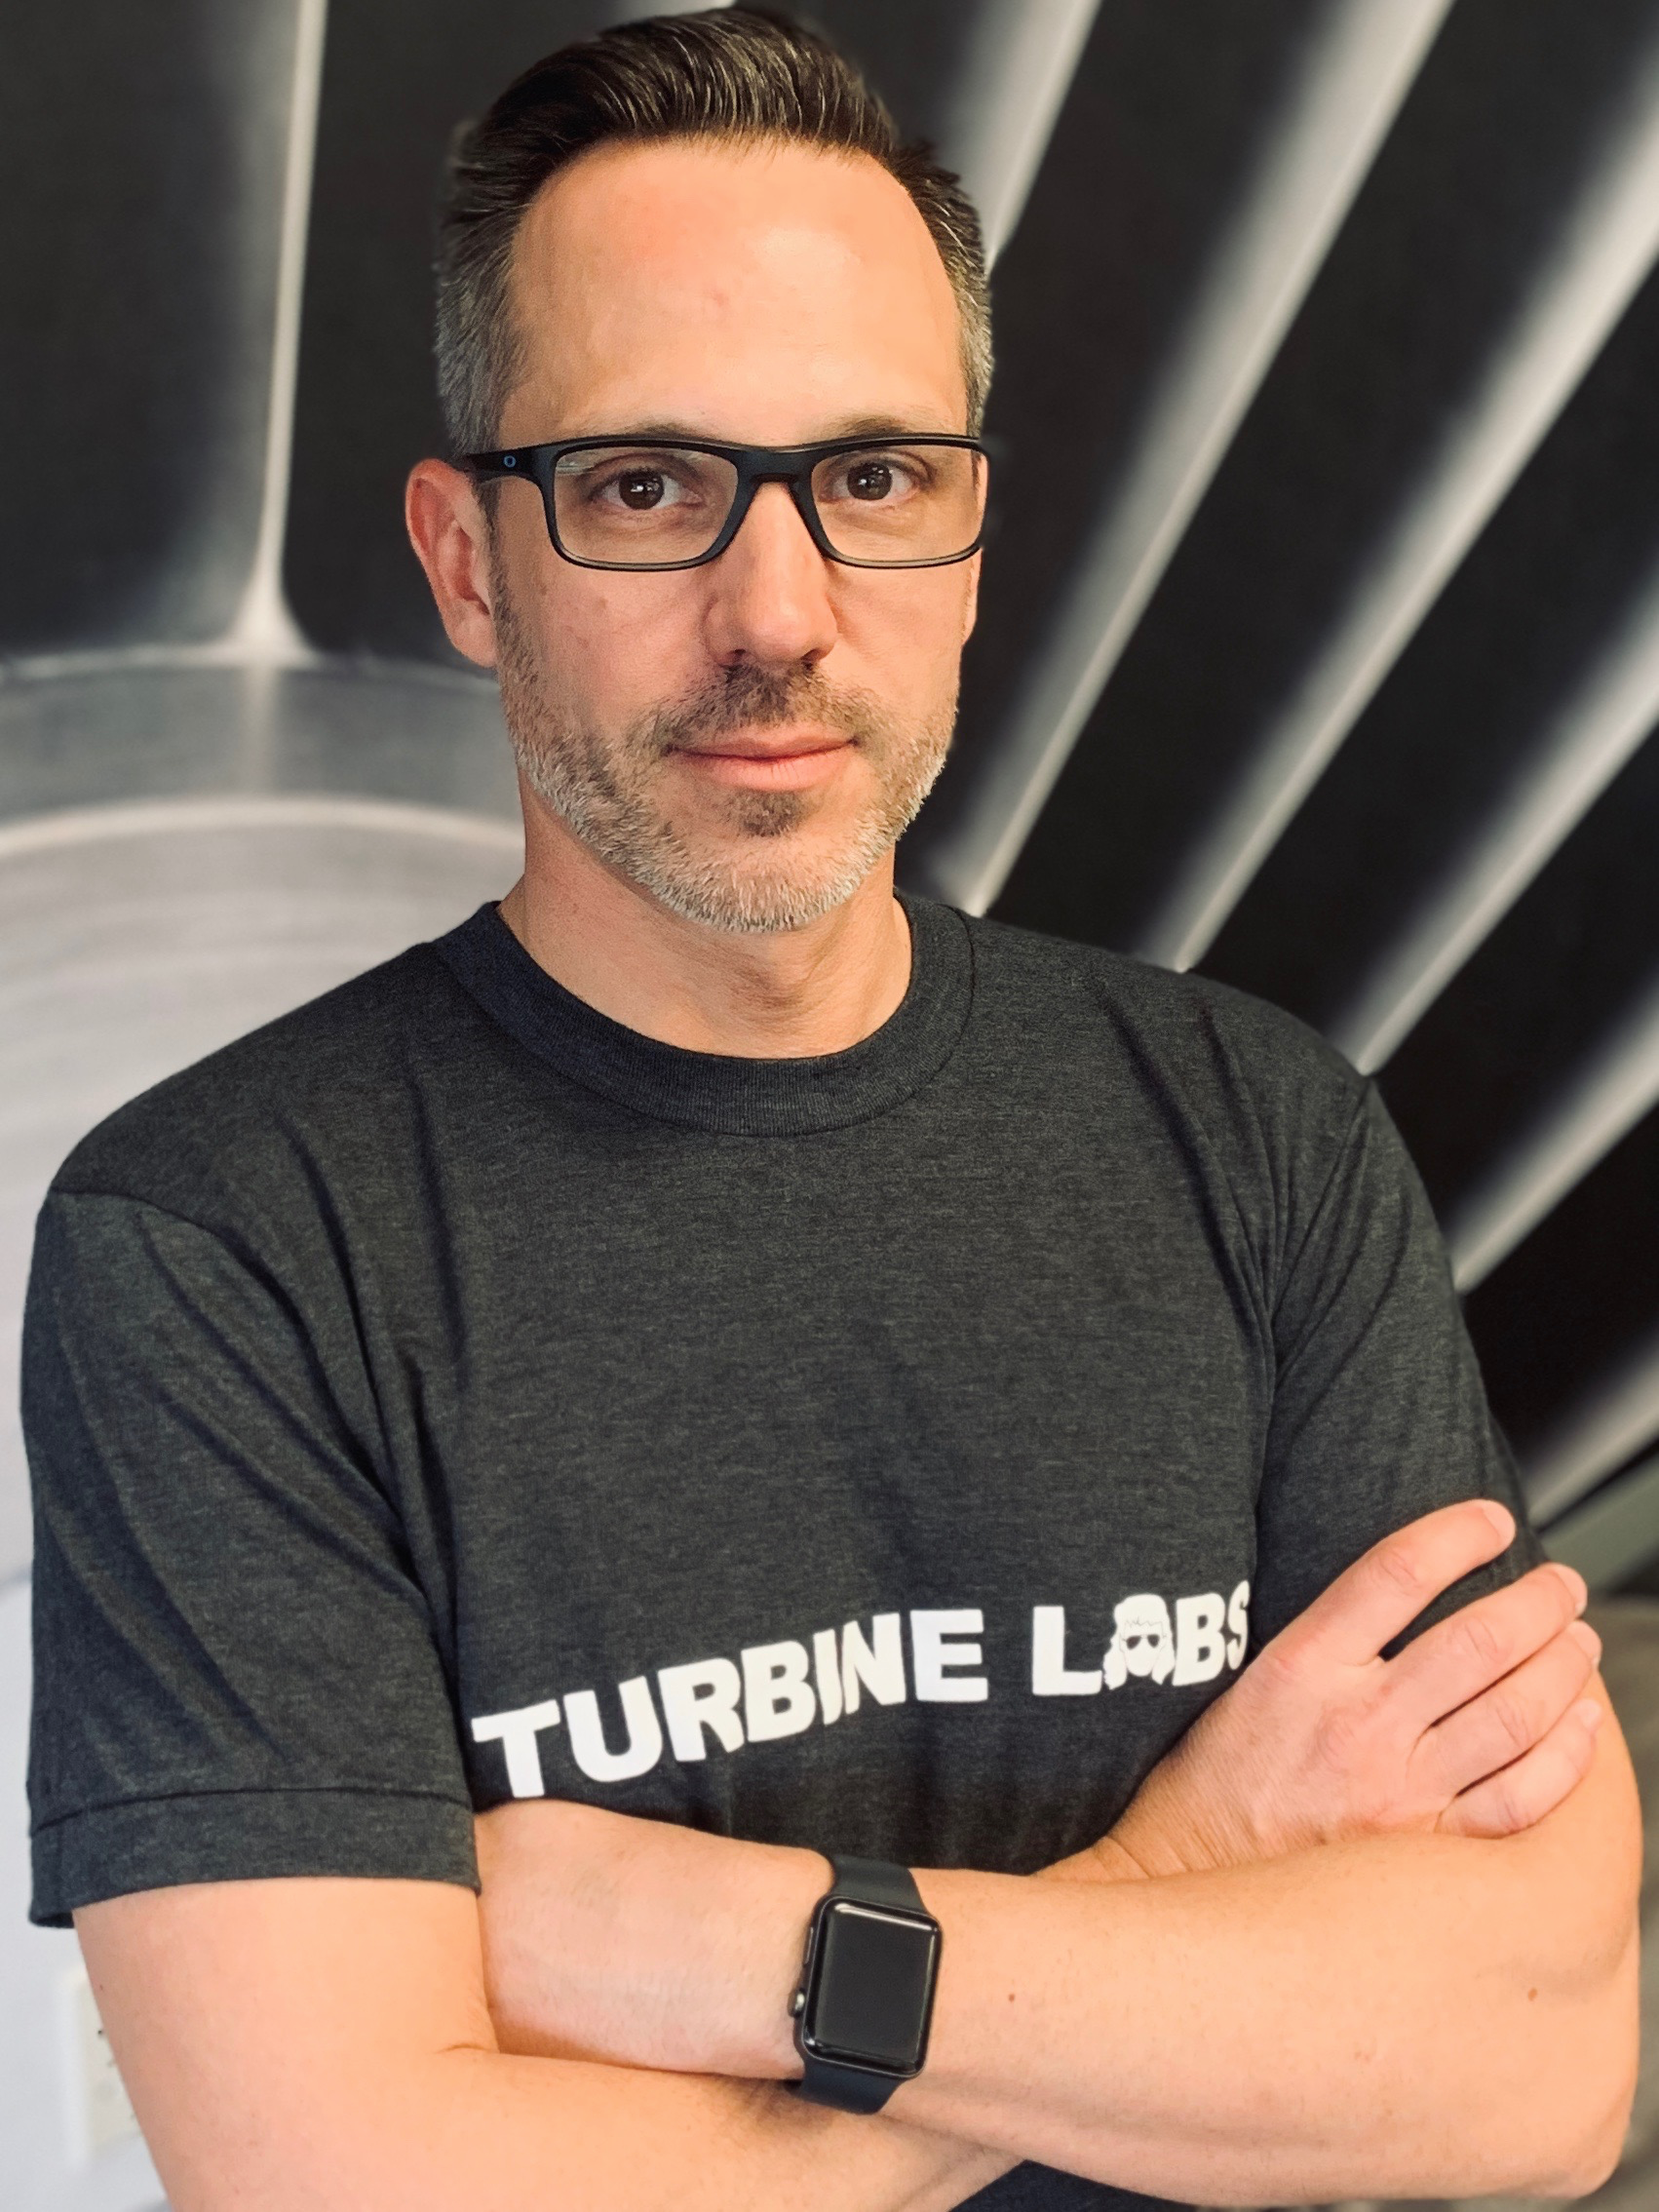 teynor_turbine_labs.jpg